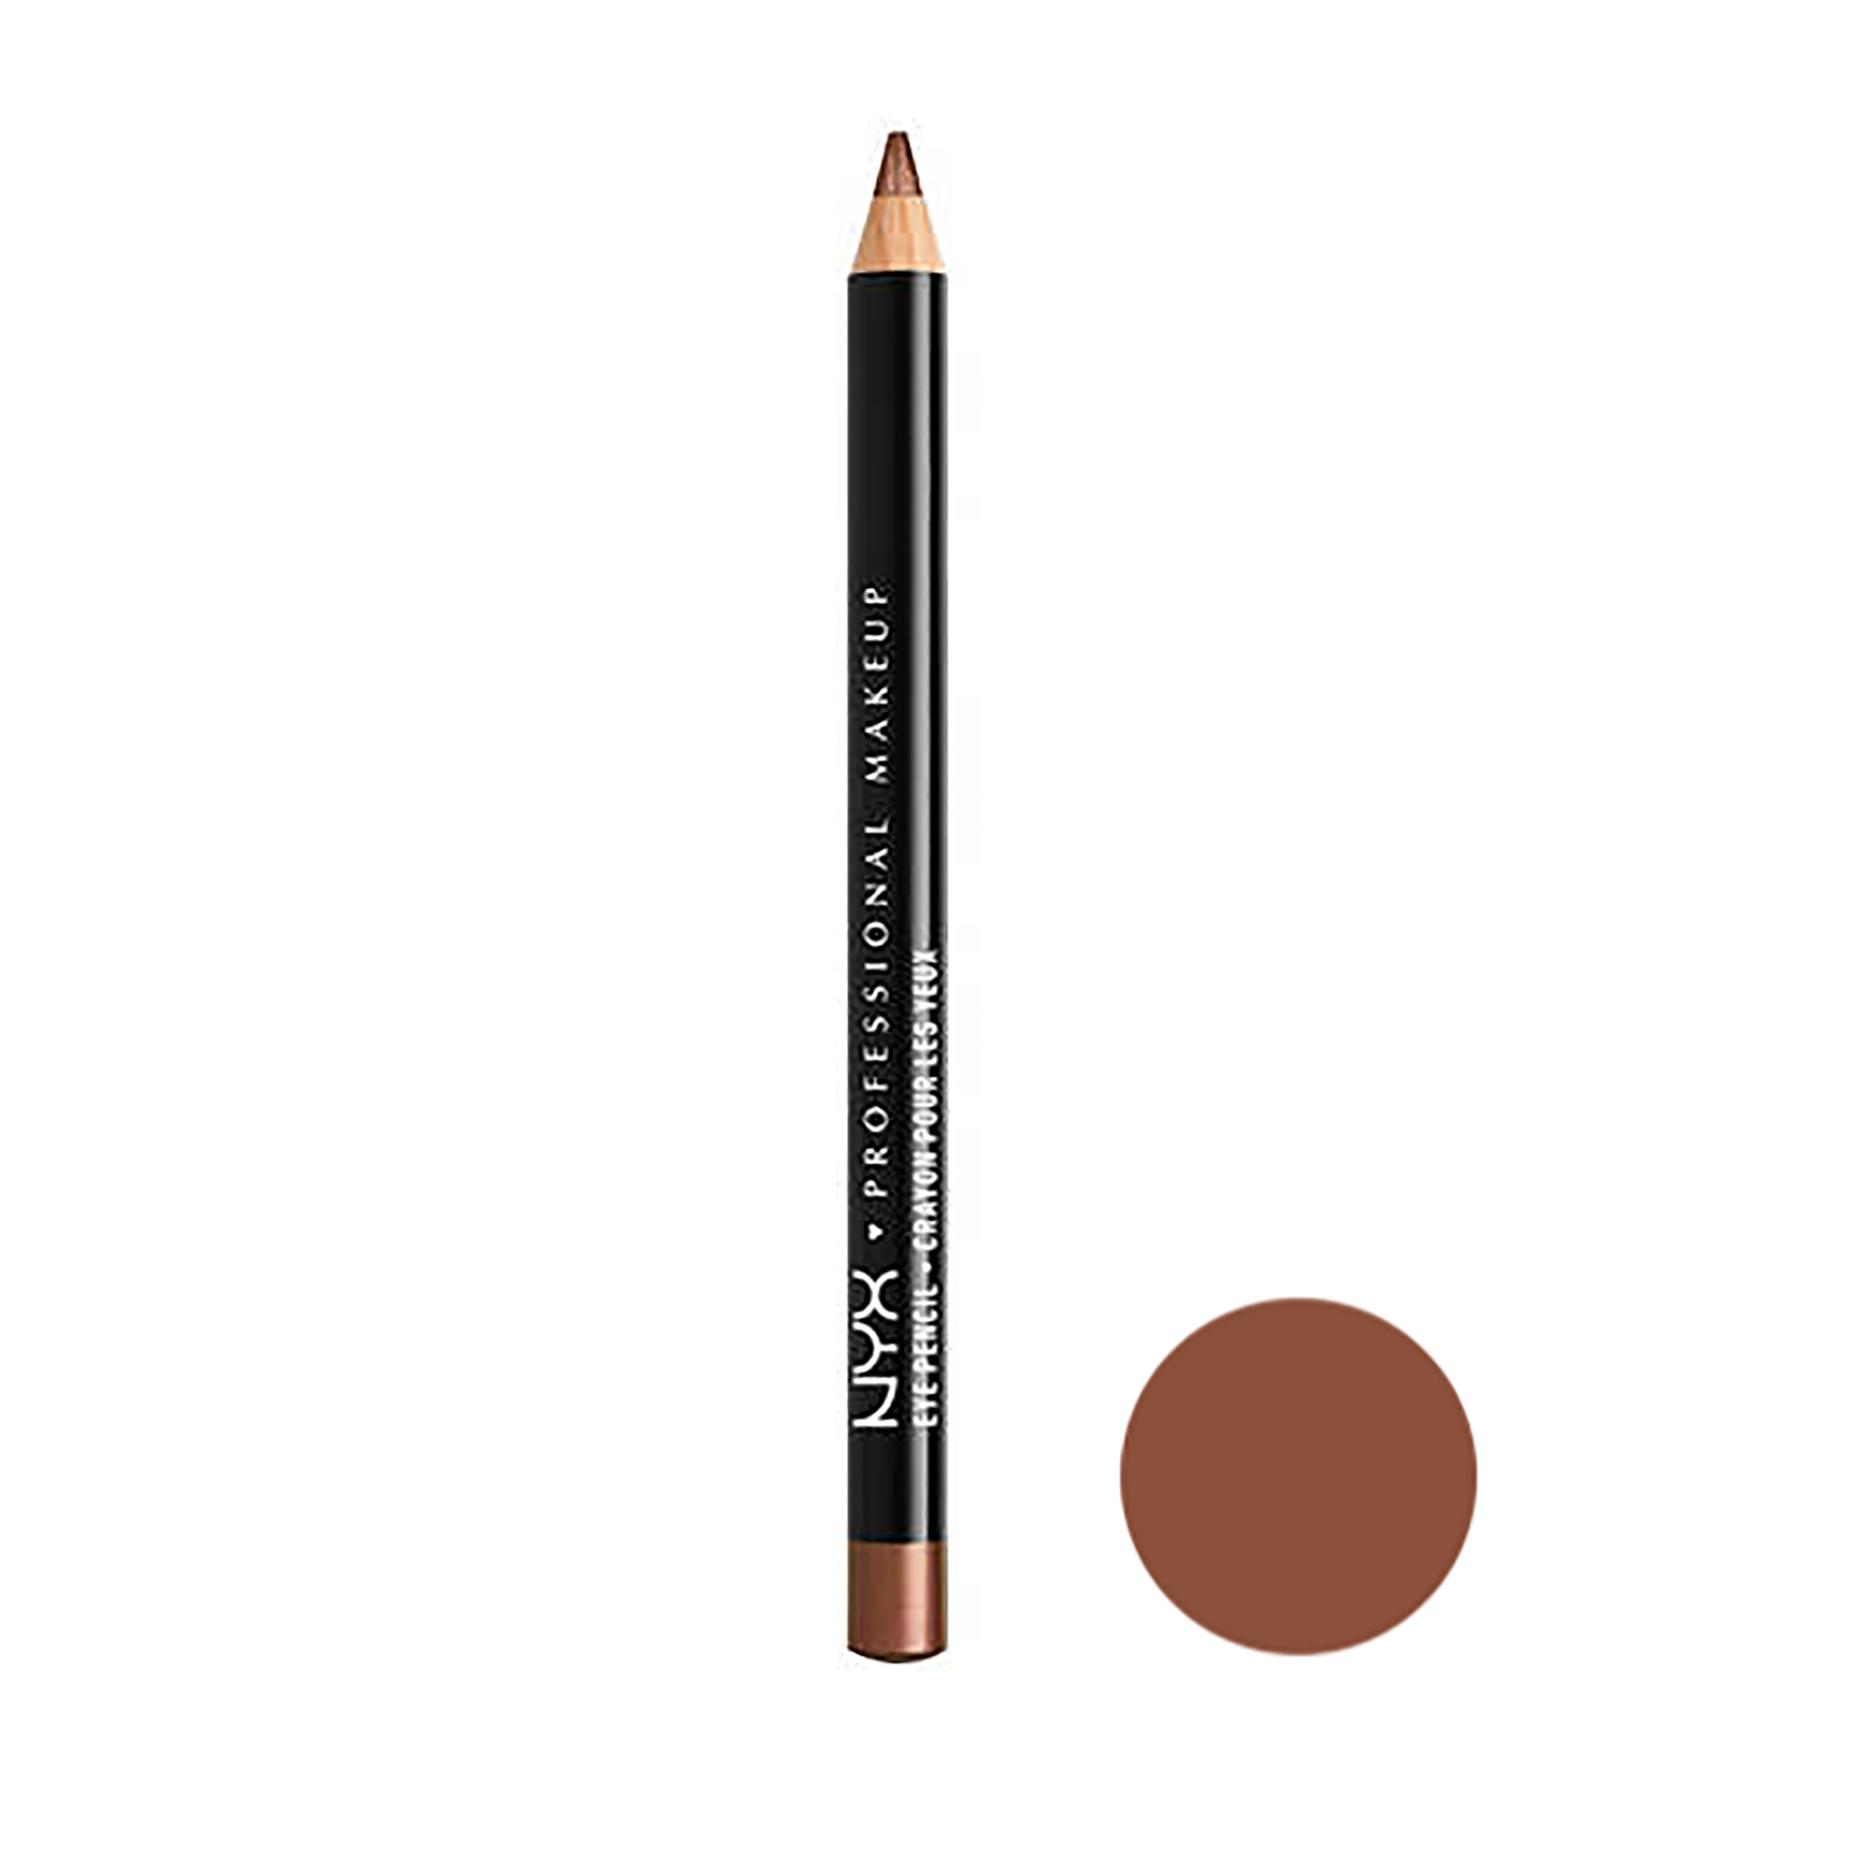 مداد چشم نیکس شماره 907